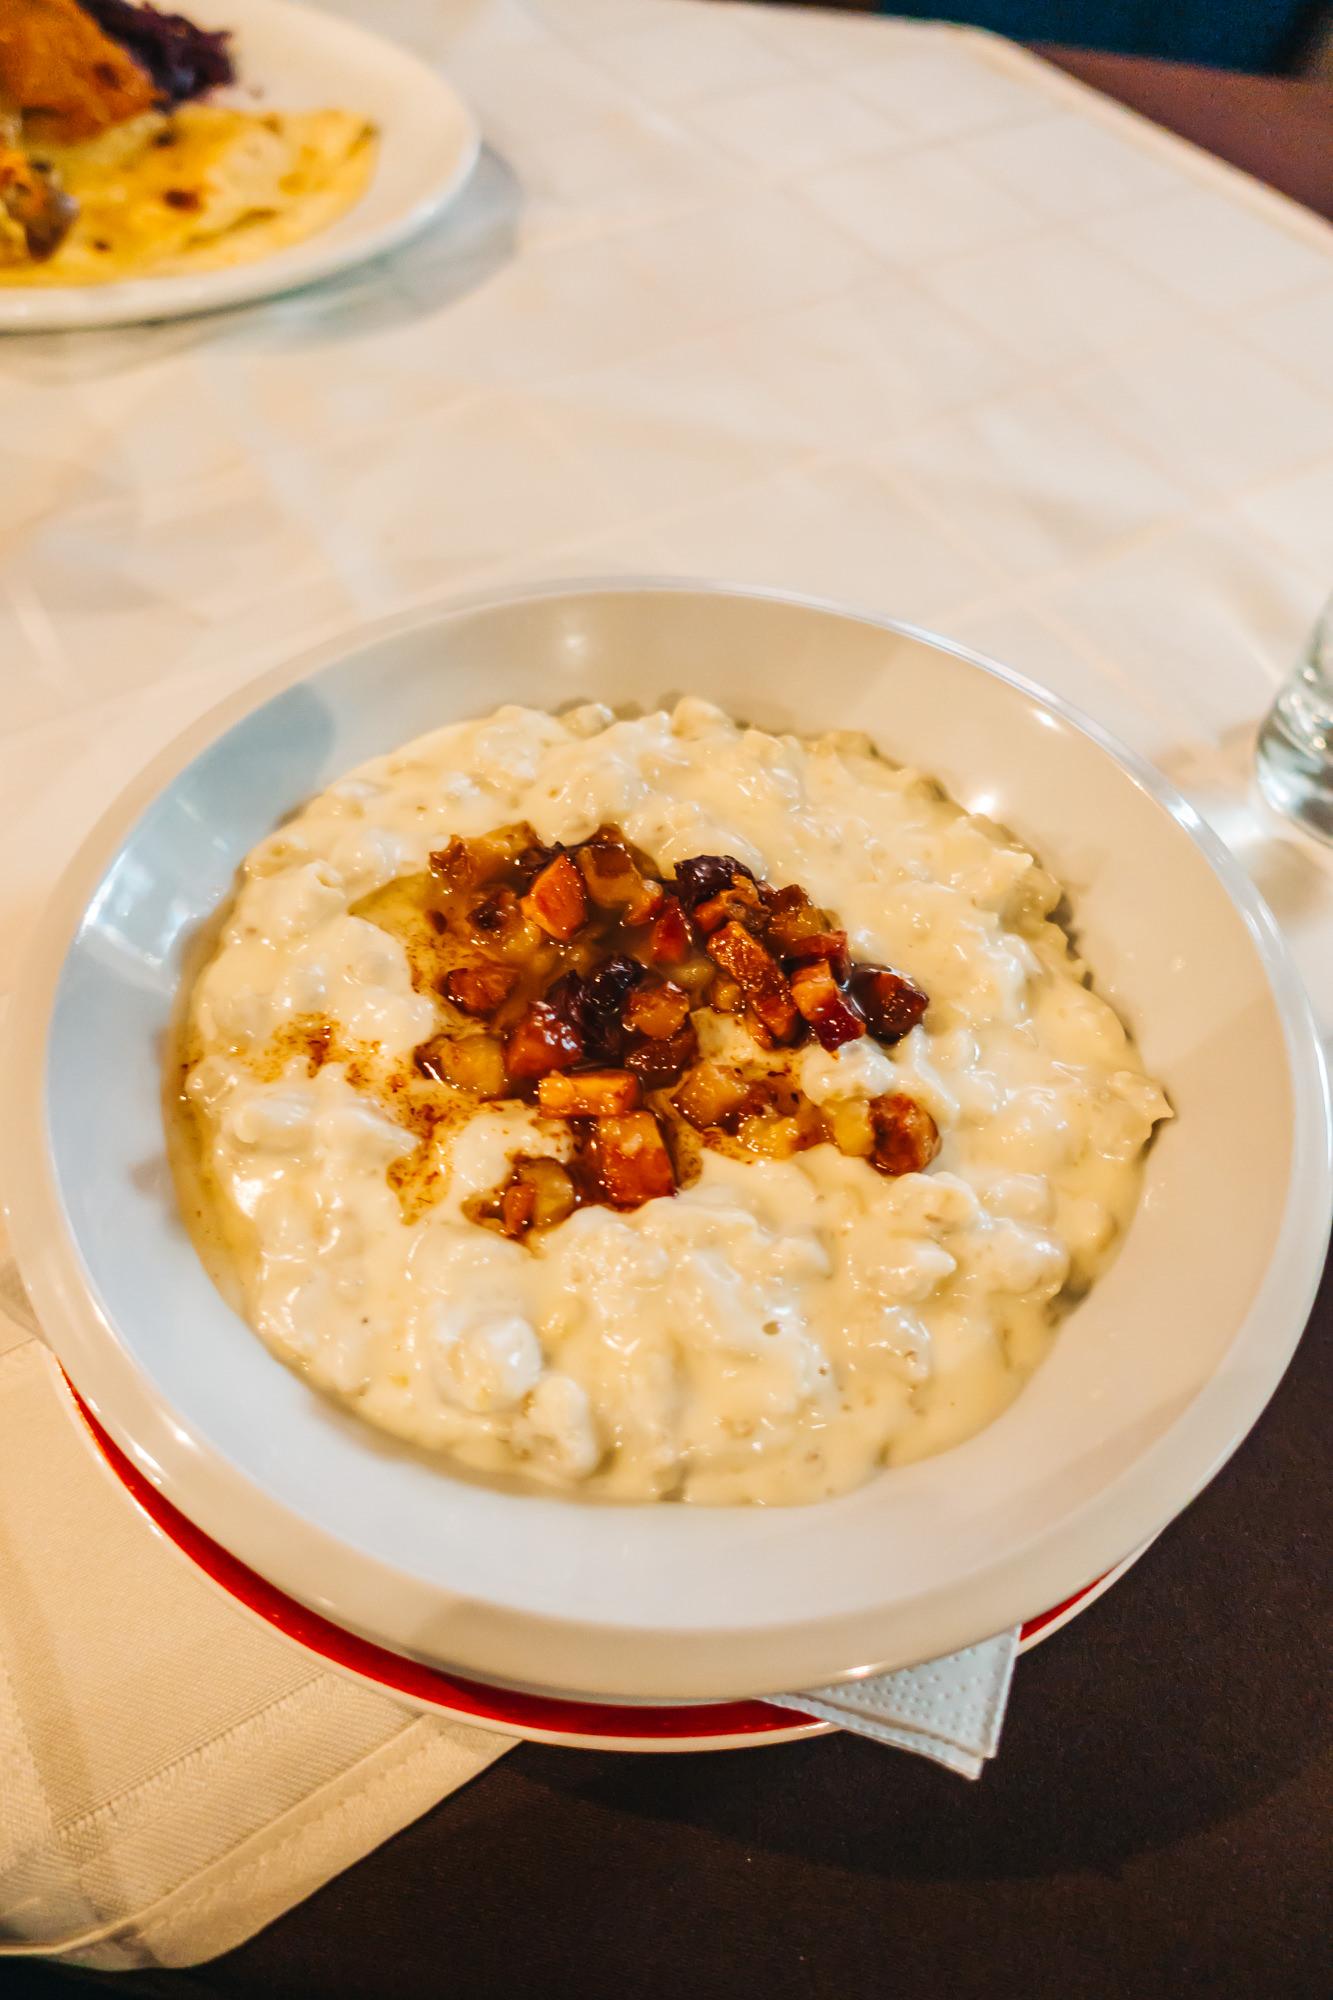 Bryndzové halušky - Traditional Slovak dish